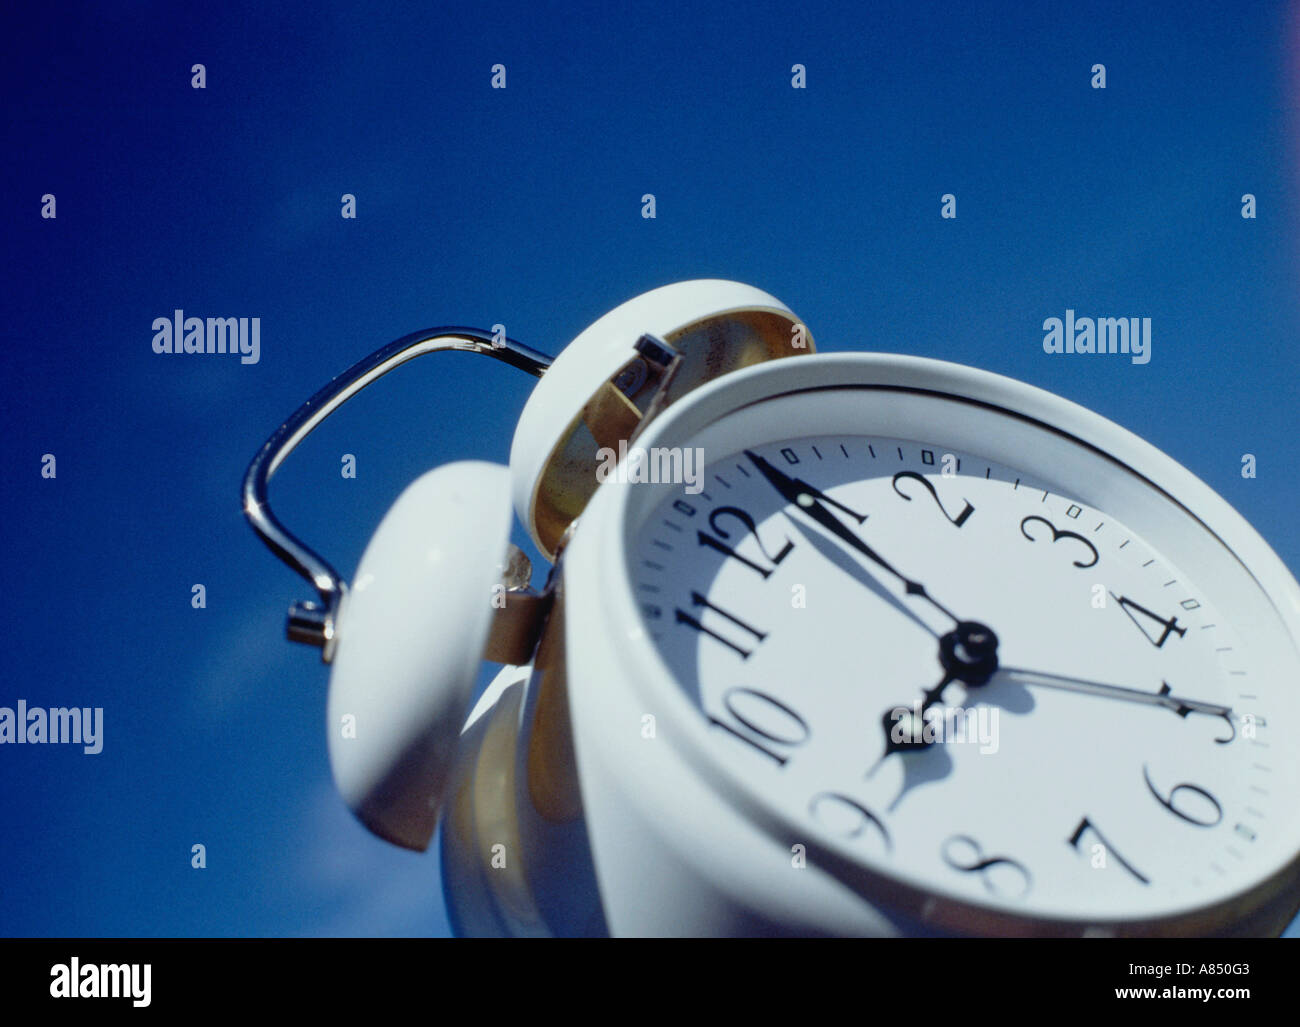 Concepto de imagen blanca, tradicional reloj alarma contra el cielo azul. Imagen De Stock